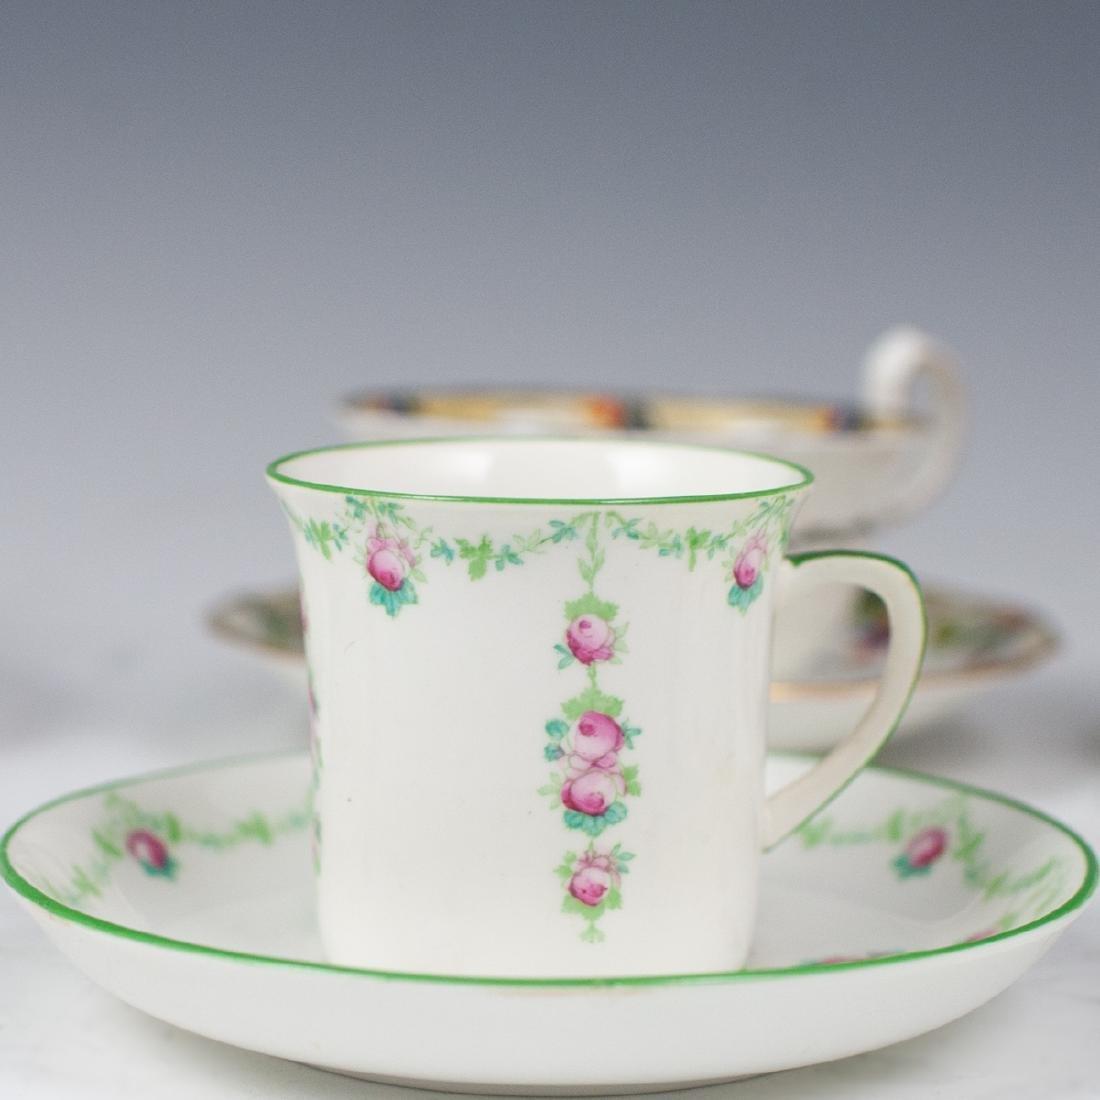 Vintage English Porcelain Teacups - 5